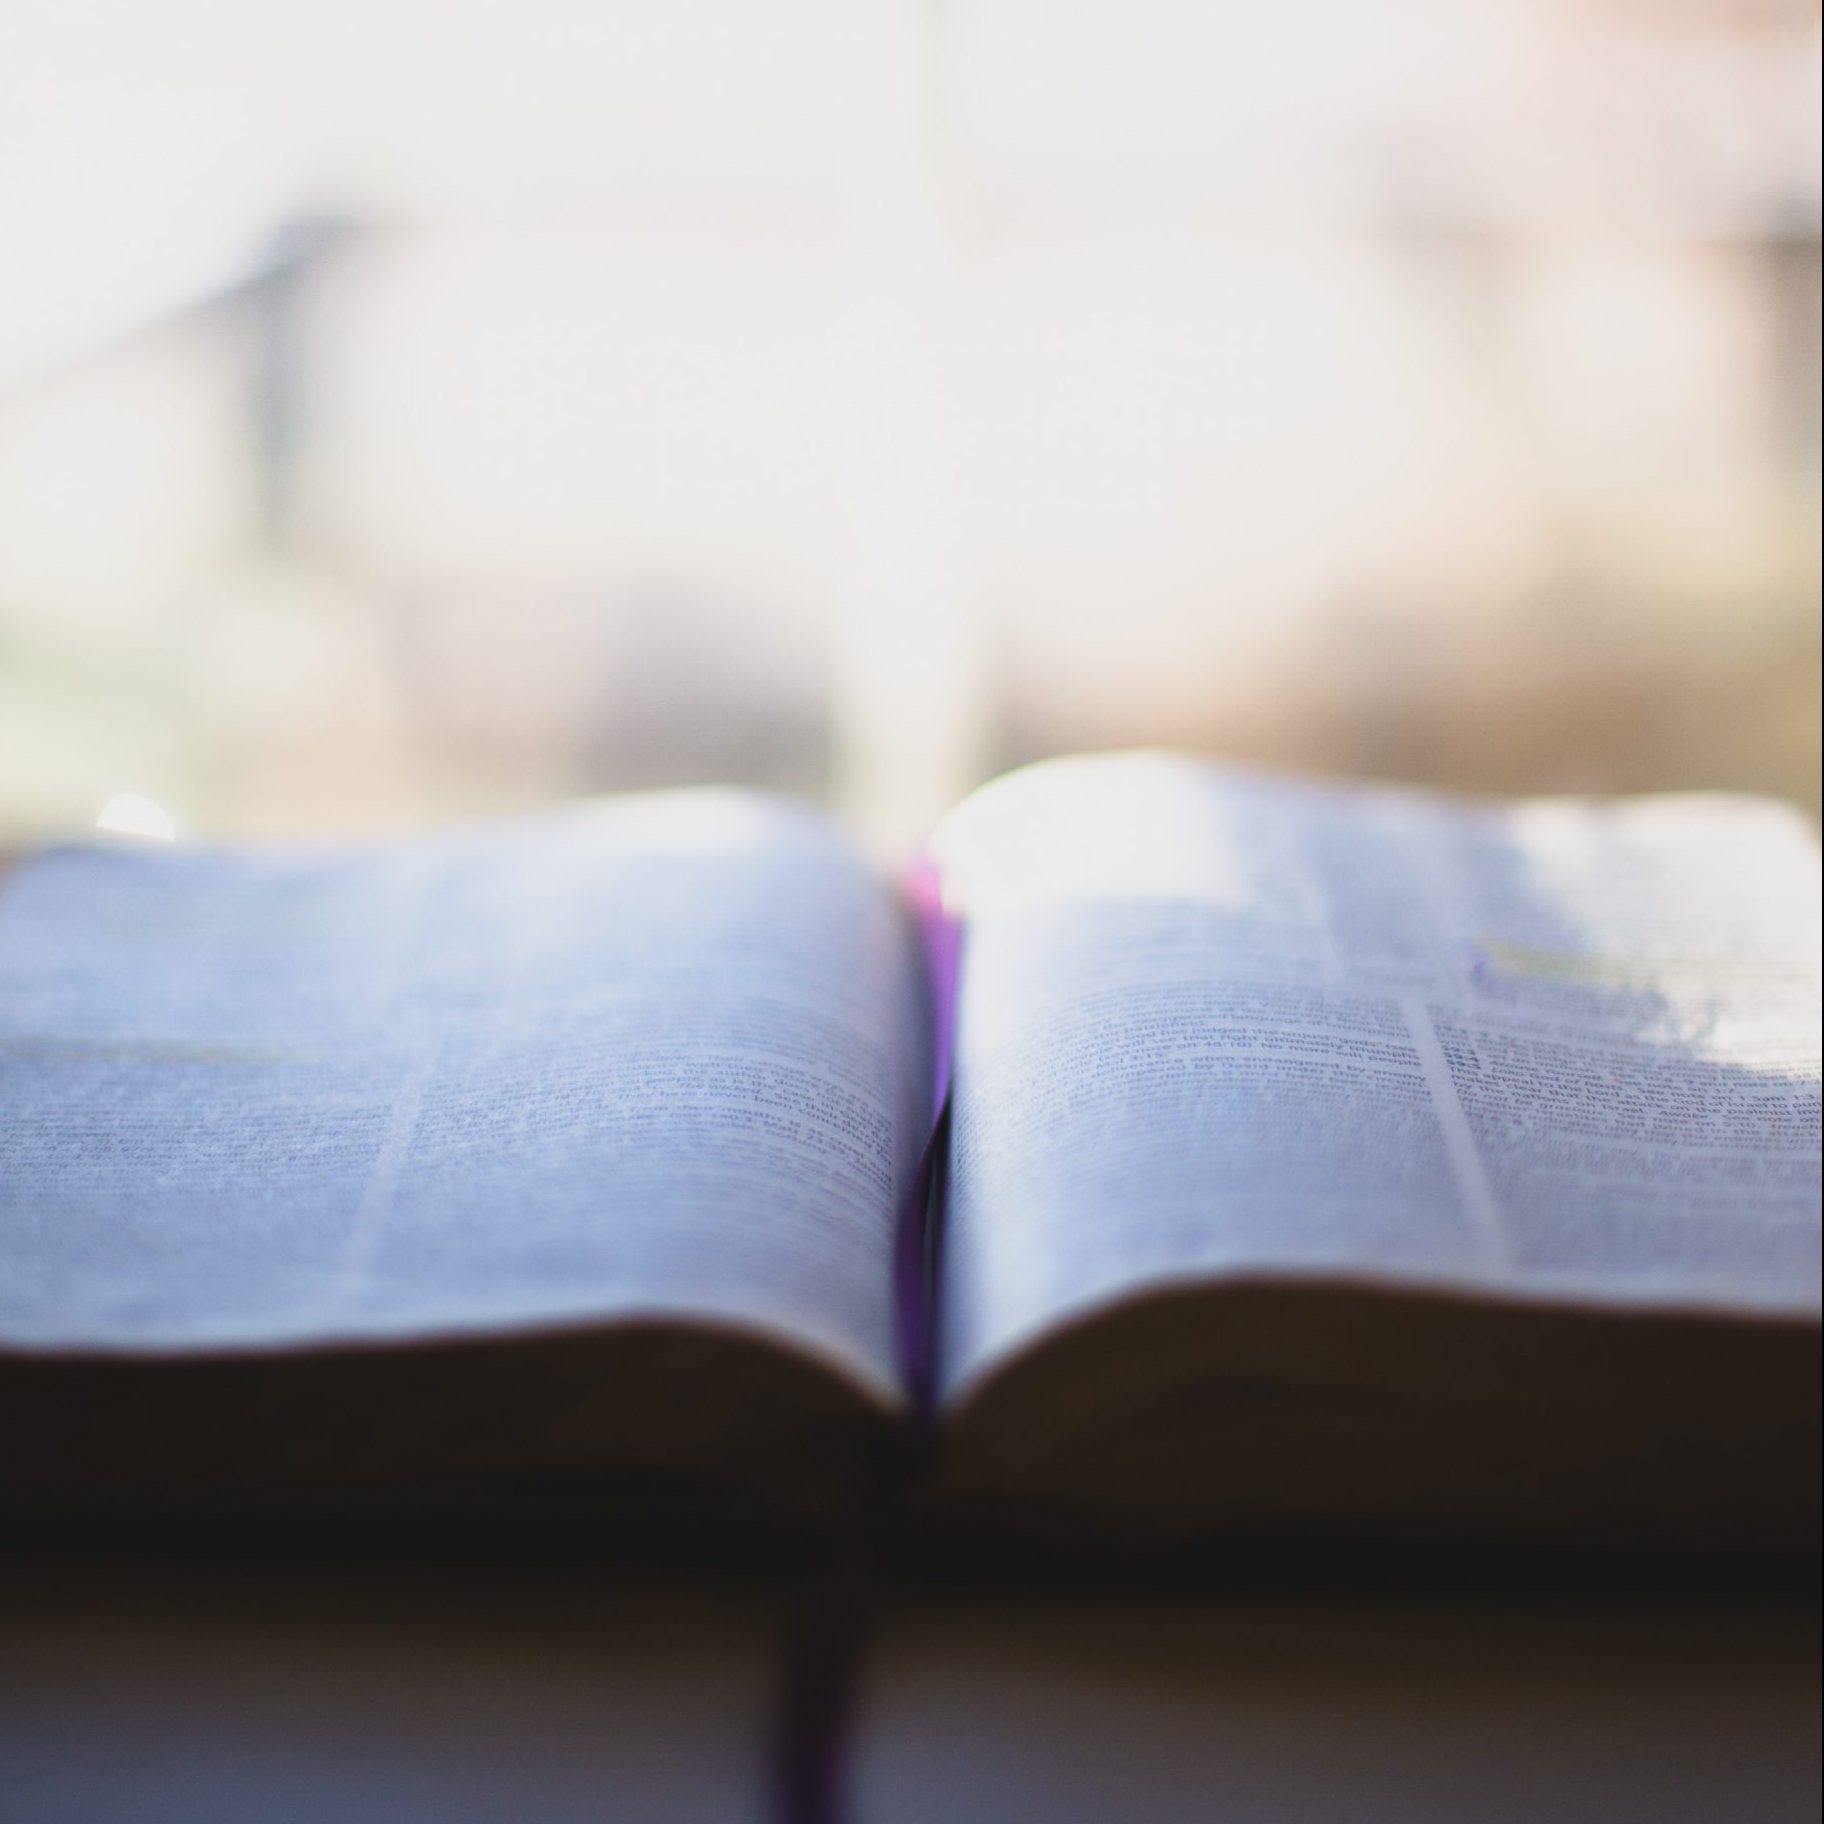 Bild på uppslagen Bibel